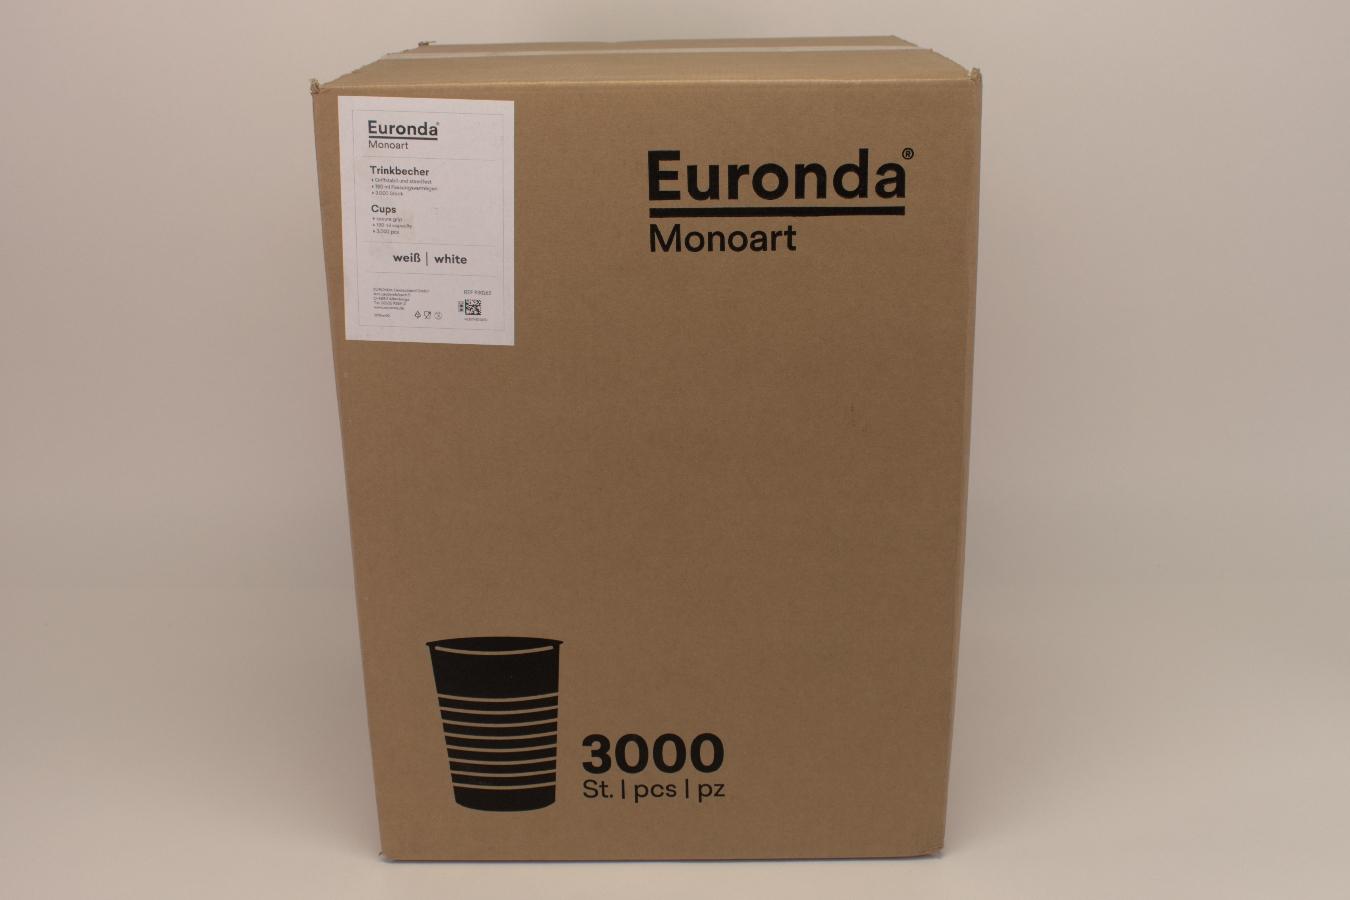 MONOART Trinkbecher weiß 180ml 3000 Stück